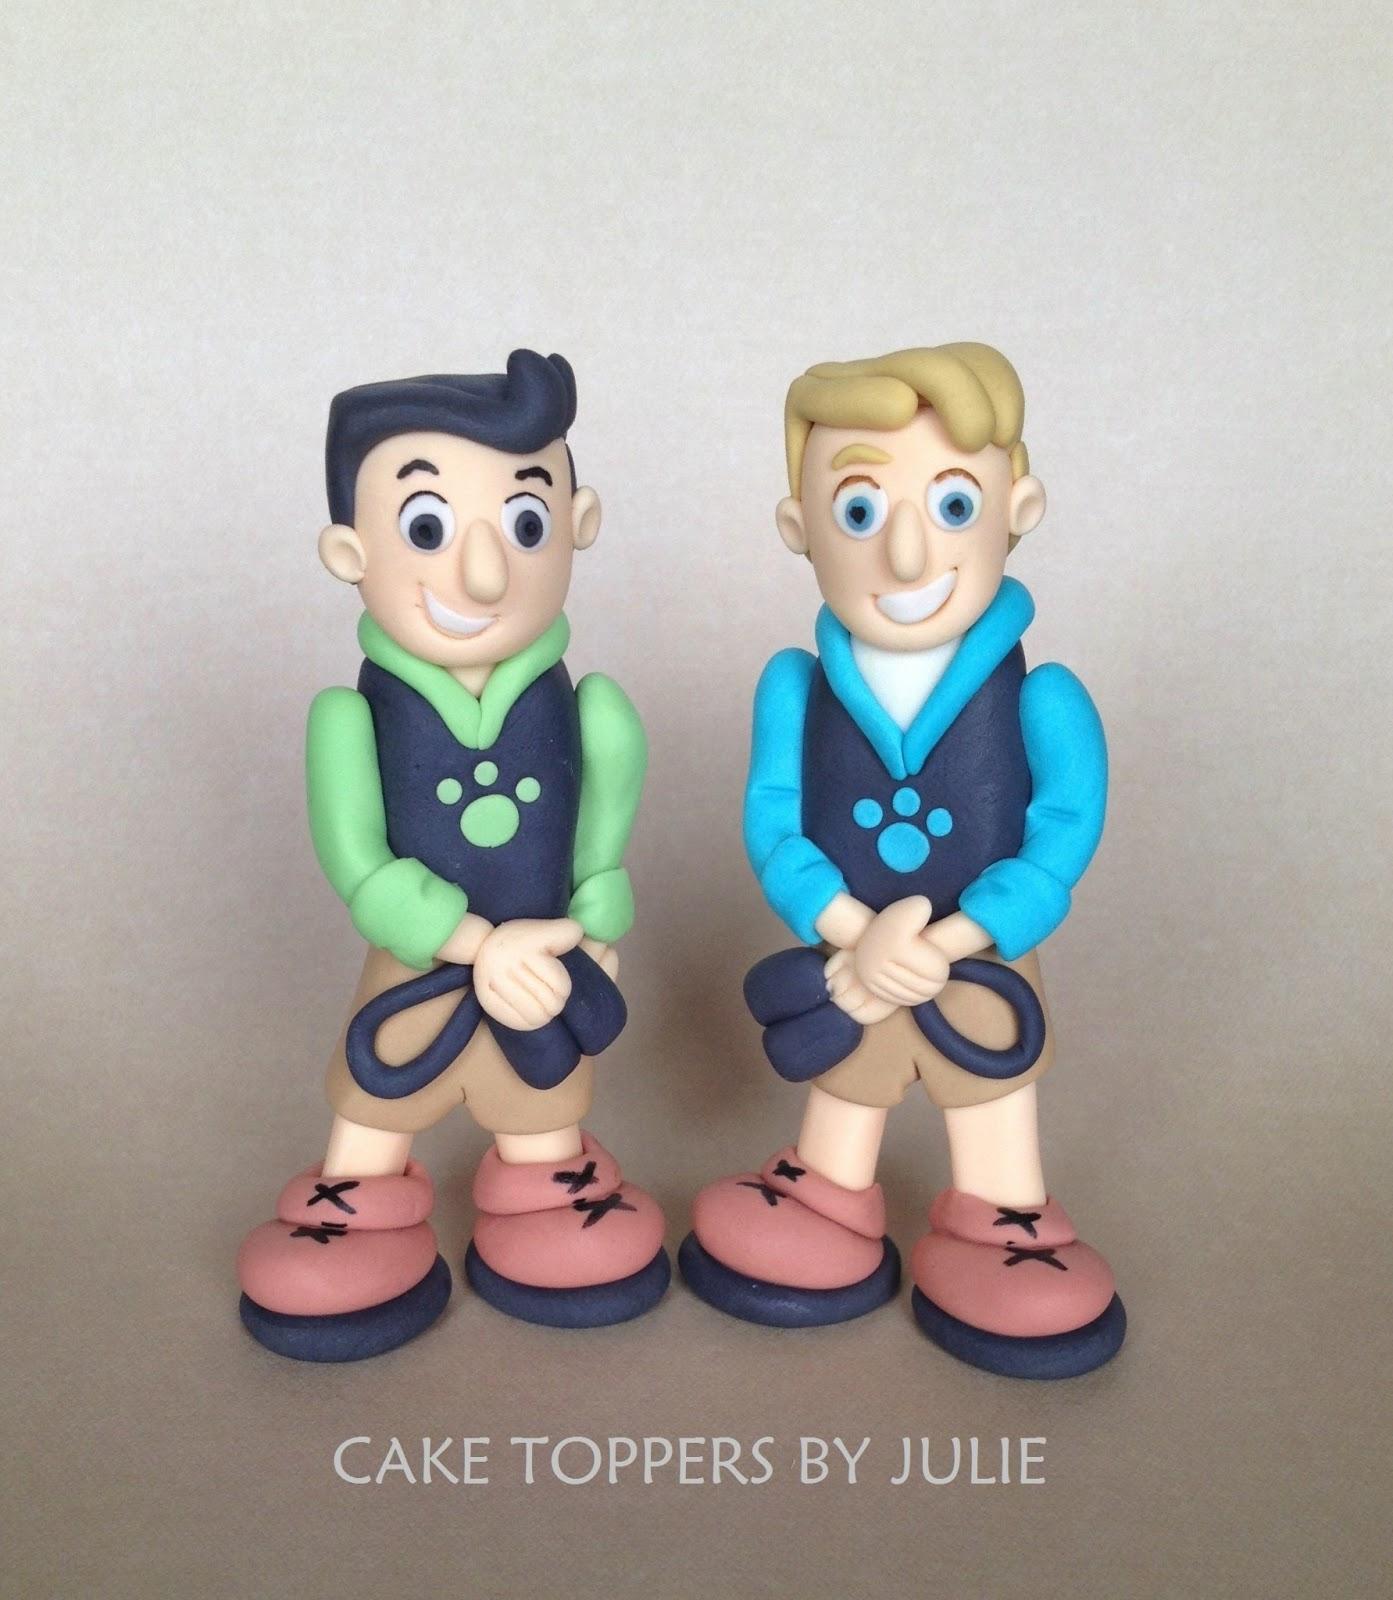 Custom Cakes by Julie: Wild Kratt's Inspired Cake Toppers